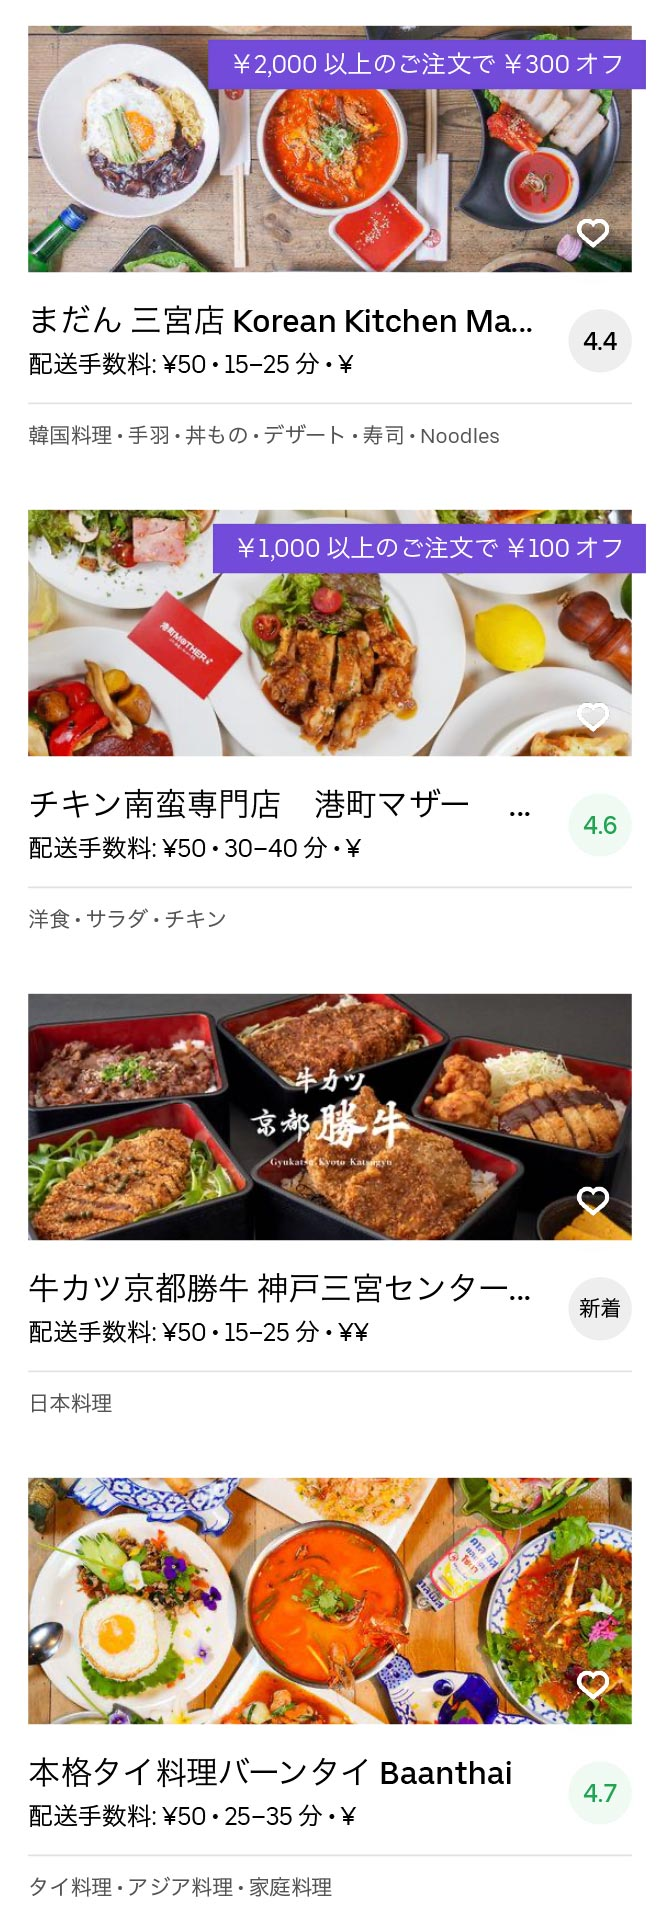 Kobe sannomiya menu 2005 04